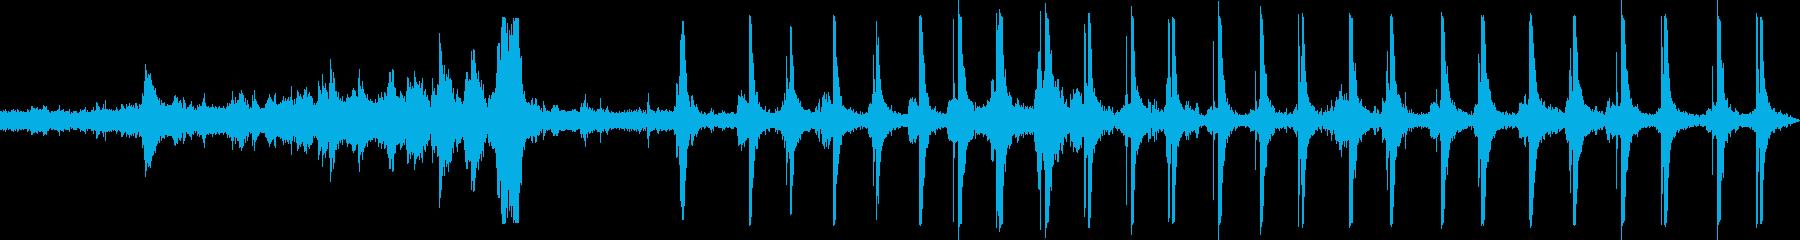 ジェットコースタートラックロックの再生済みの波形